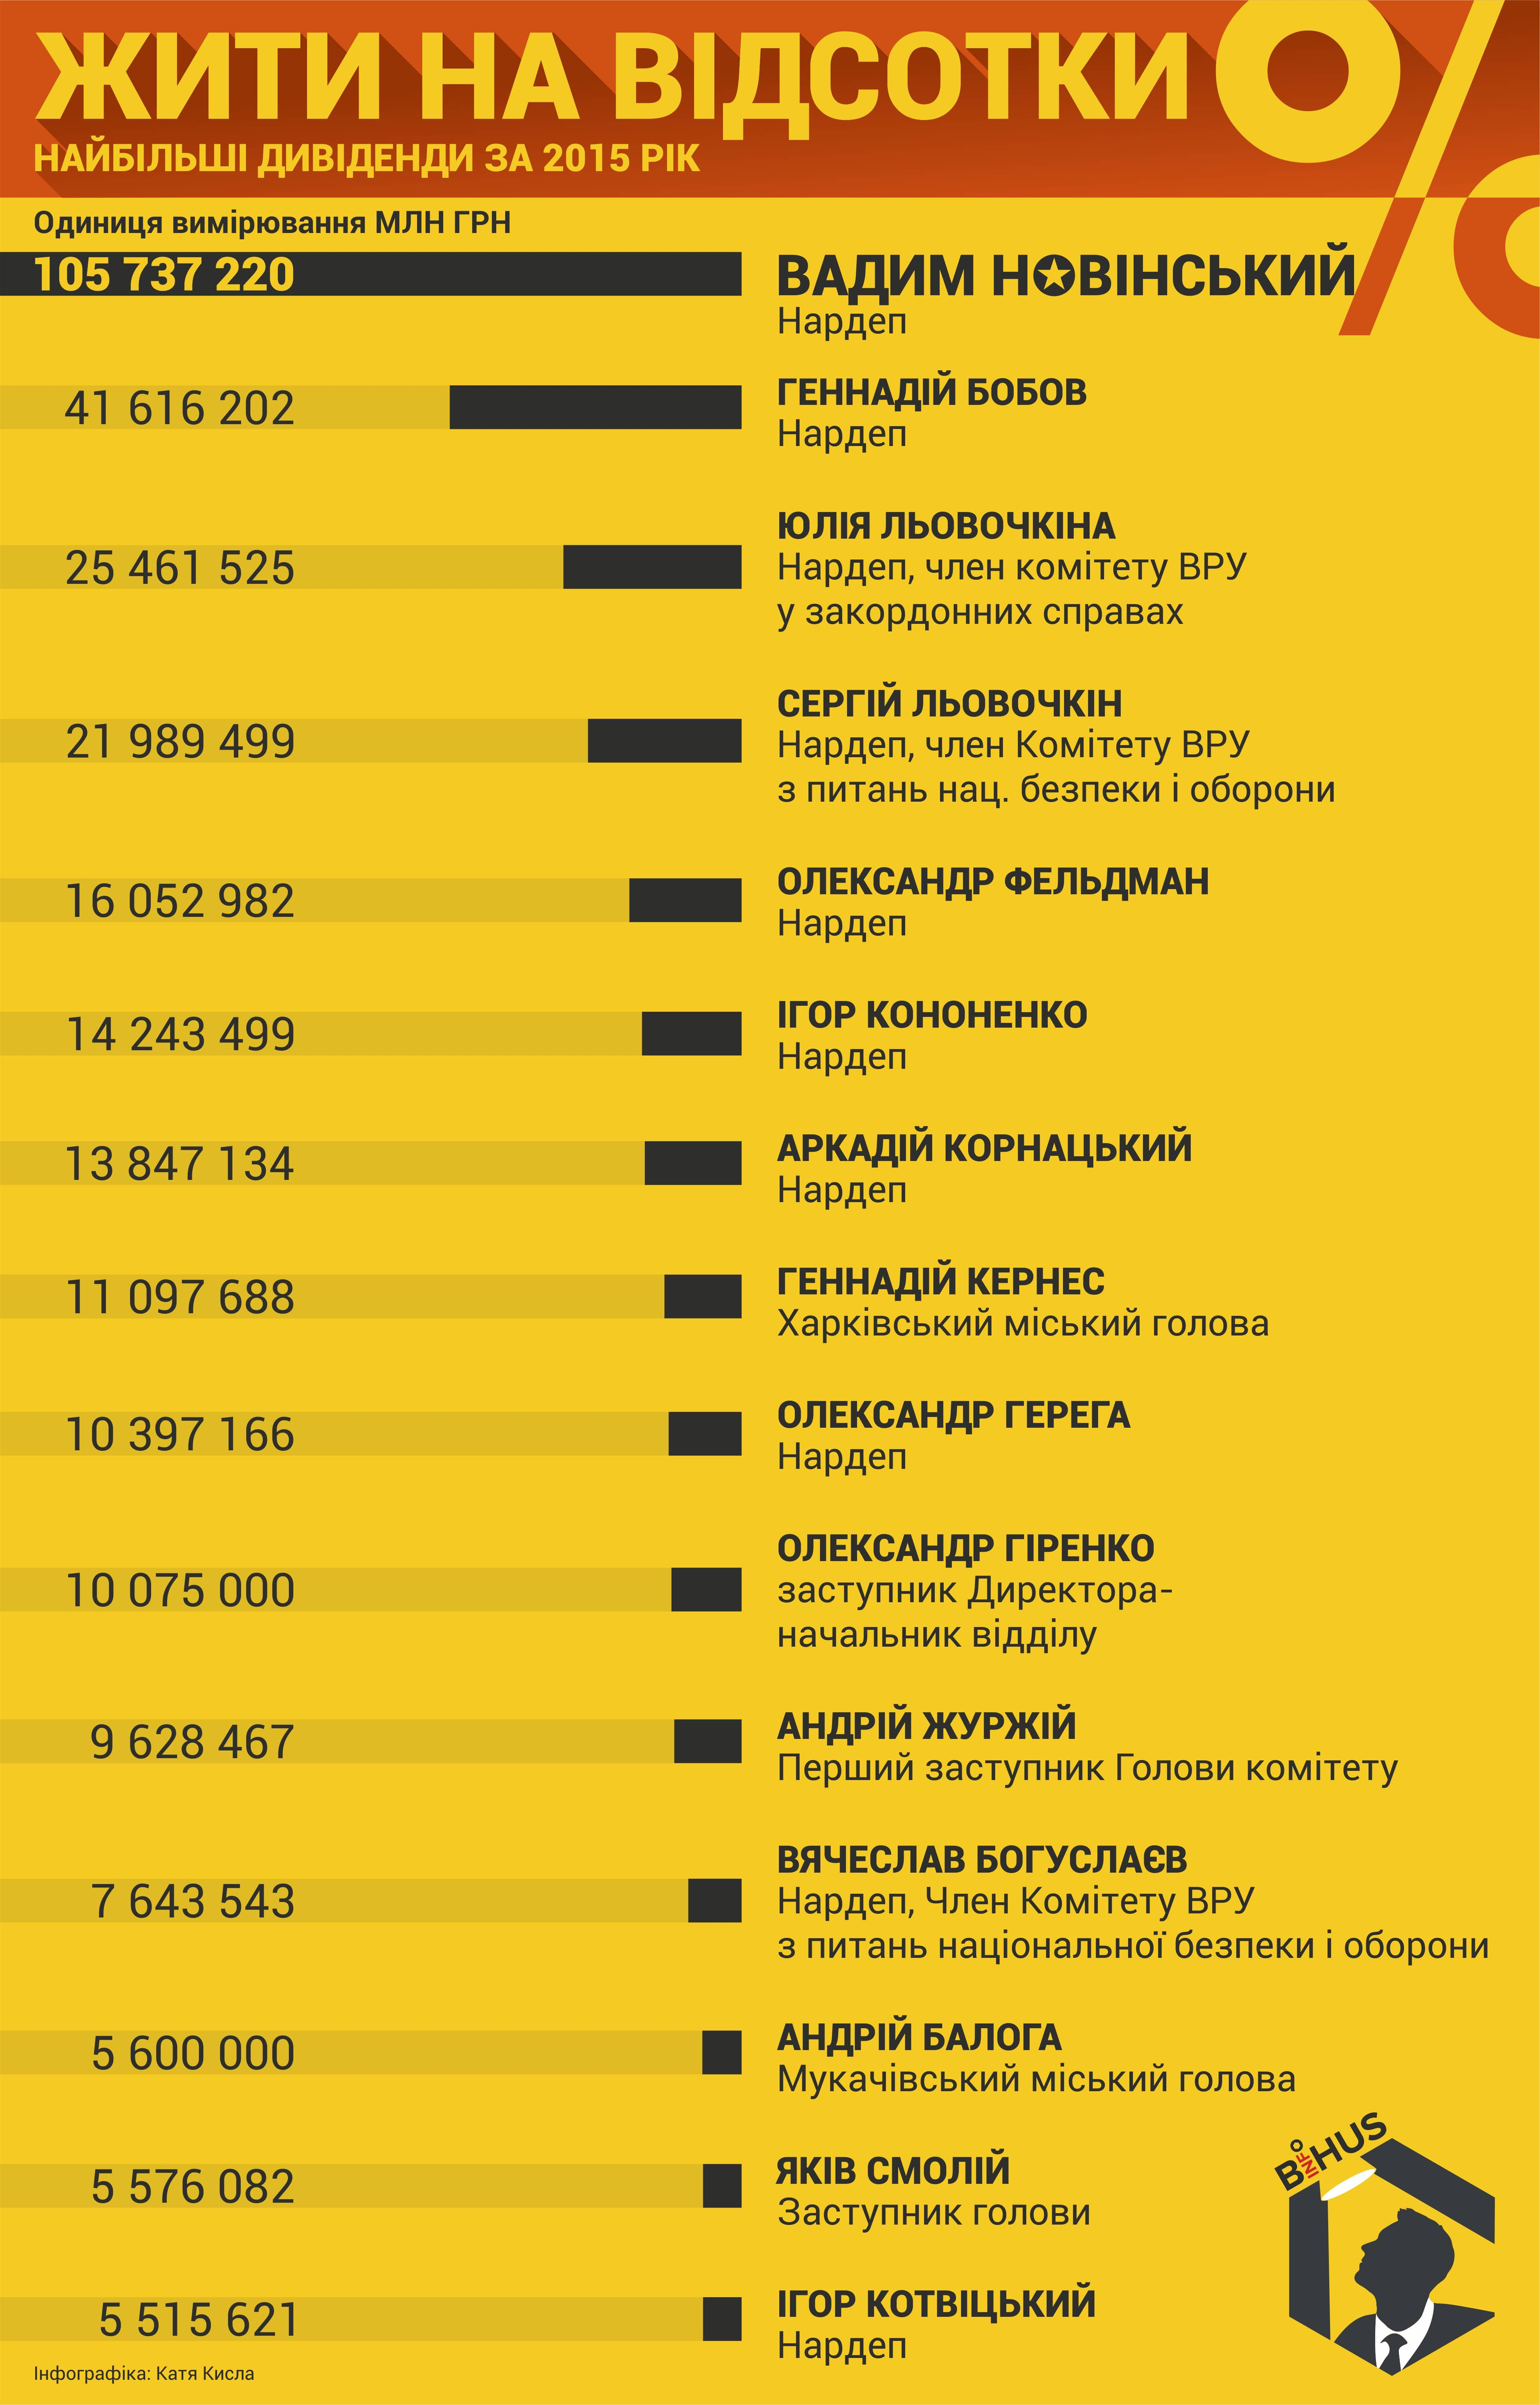 ТОП-15 чиновников, получивших самые большие дивиденды в 2015 году